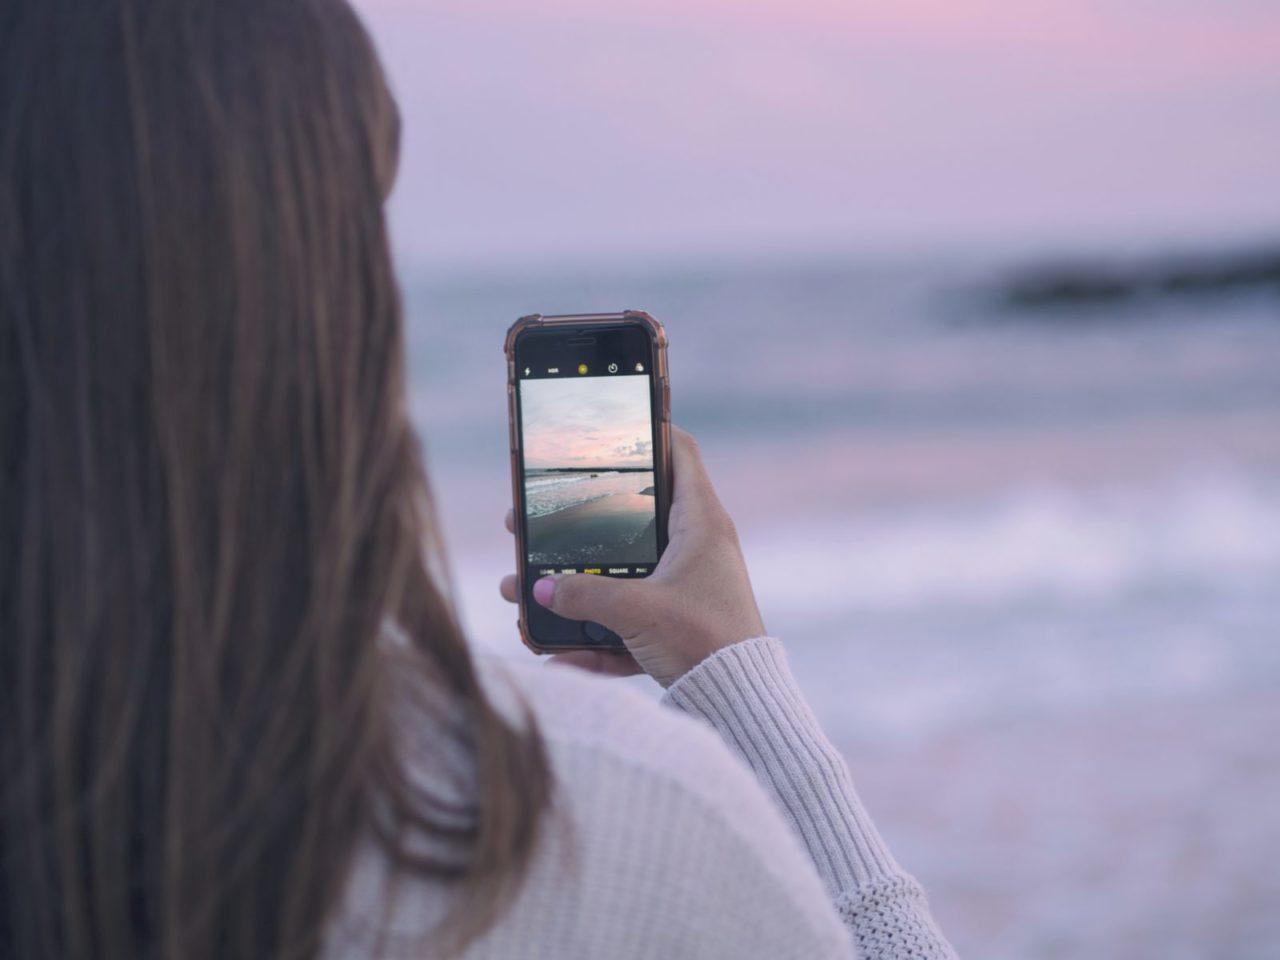 格安SIMを使って携帯電話料金を下げる方法